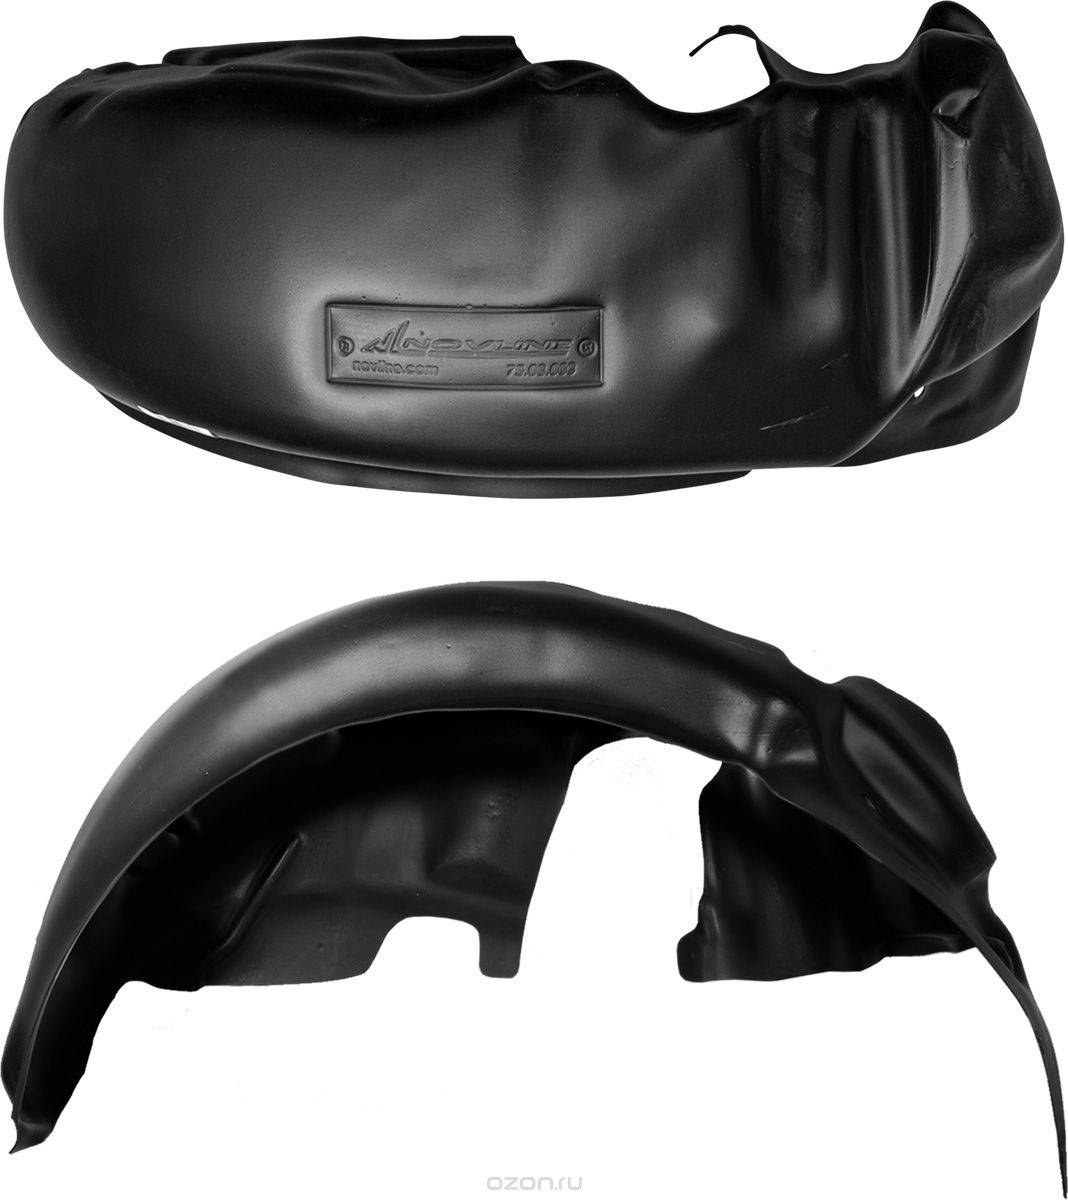 Подкрылок Novline-Autofamily, для DongFeng H30, 03/2014->, хэтчбек, задний левыйNLL.96.01.003Идеальная защита колесной ниши. Локеры разработаны с применением цифровых технологий, гарантируют максимальную повторяемость поверхности арки. Изделия устанавливаются без нарушения лакокрасочного покрытия автомобиля, каждый подкрылок комплектуется крепежом. Уважаемые клиенты, обращаем ваше внимание, что фотографии на подкрылки универсальные и не отражают реальную форму изделия. При этом само изделие идет точно под размер указанного автомобиля.